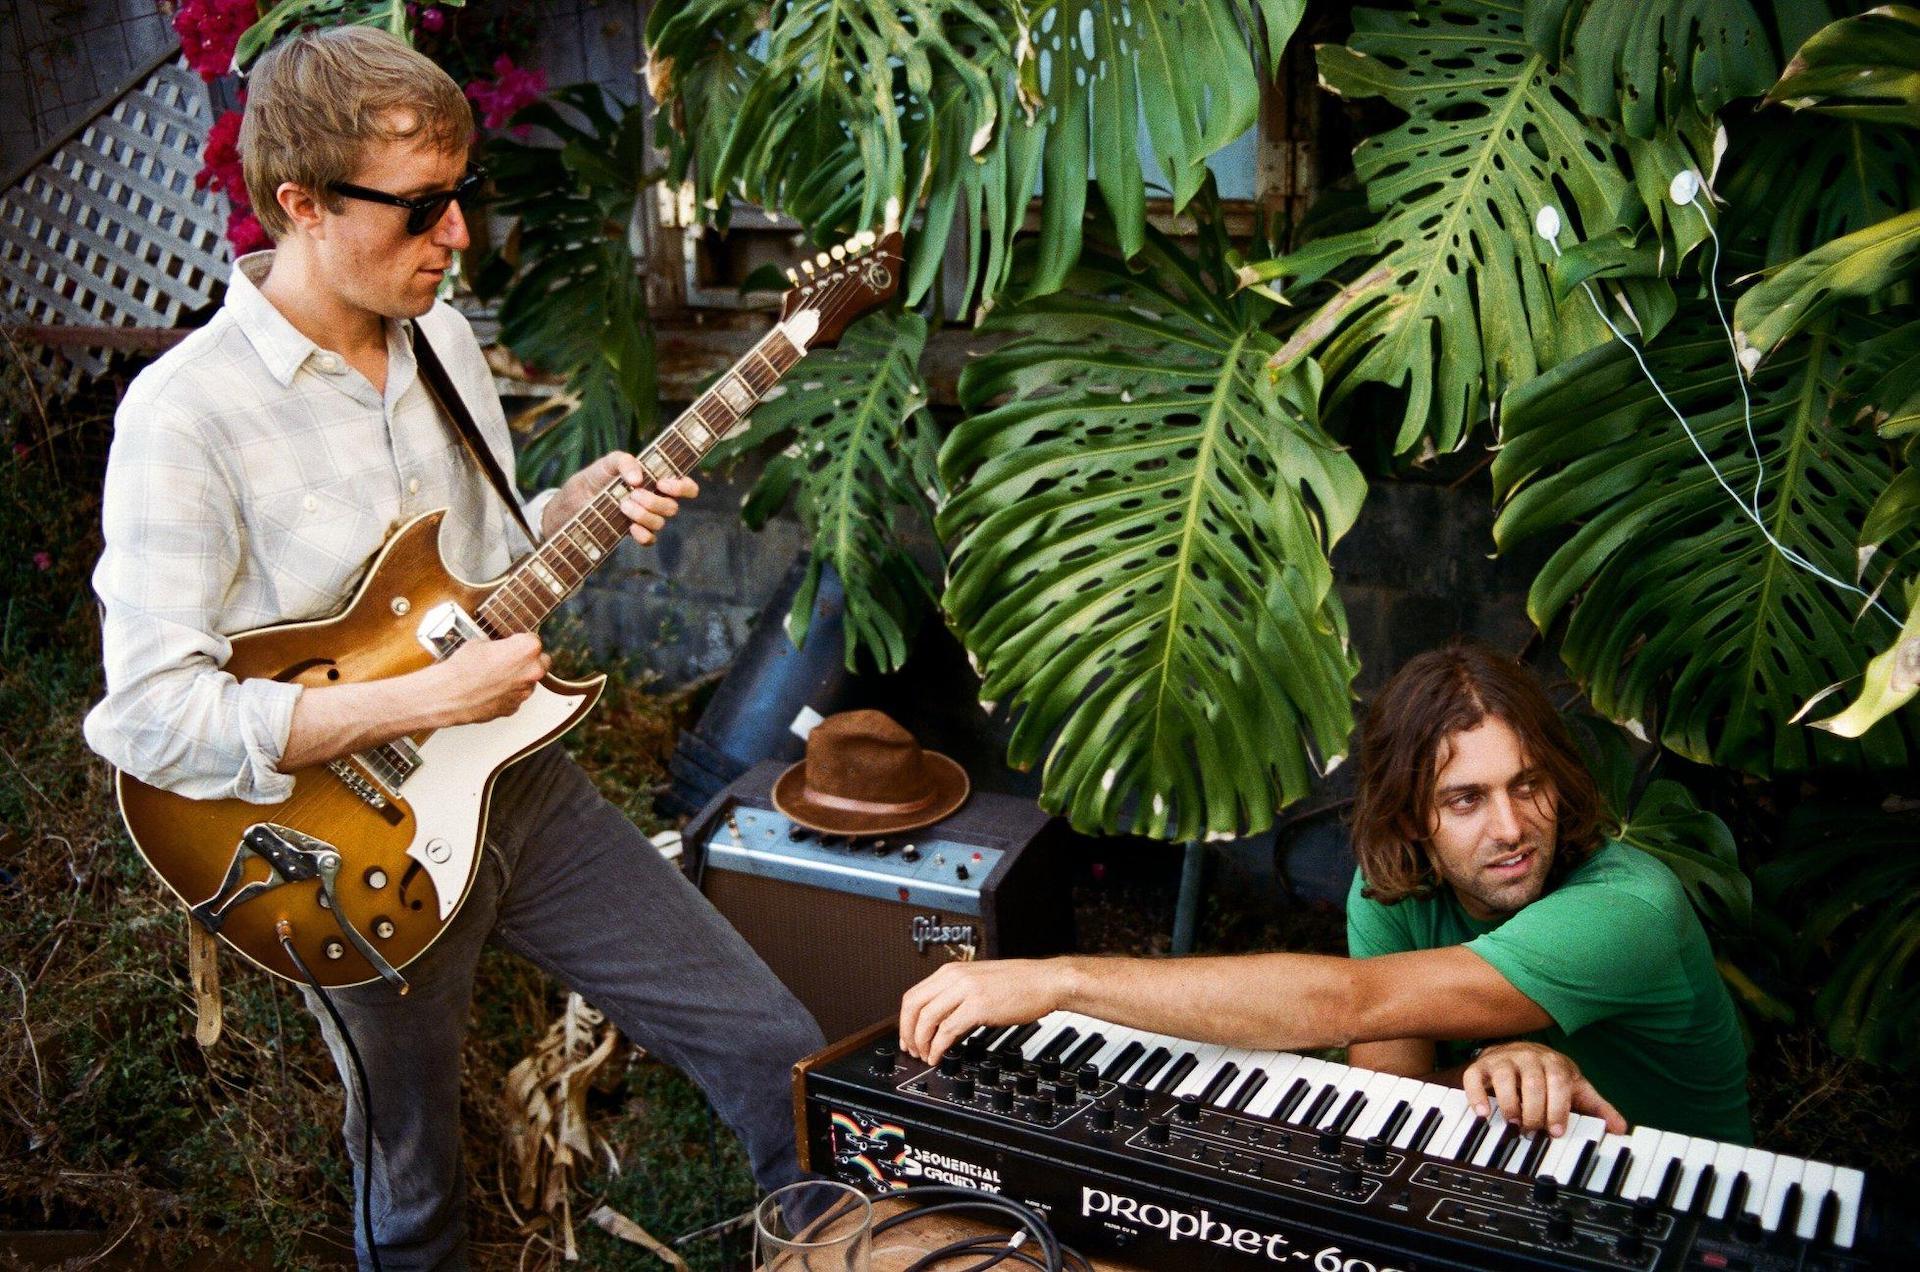 植物との音楽制作「晴れの日、曇りの日で音が違います」気まぐれに、でも時々、奇跡のような調和を生むジャムセッション